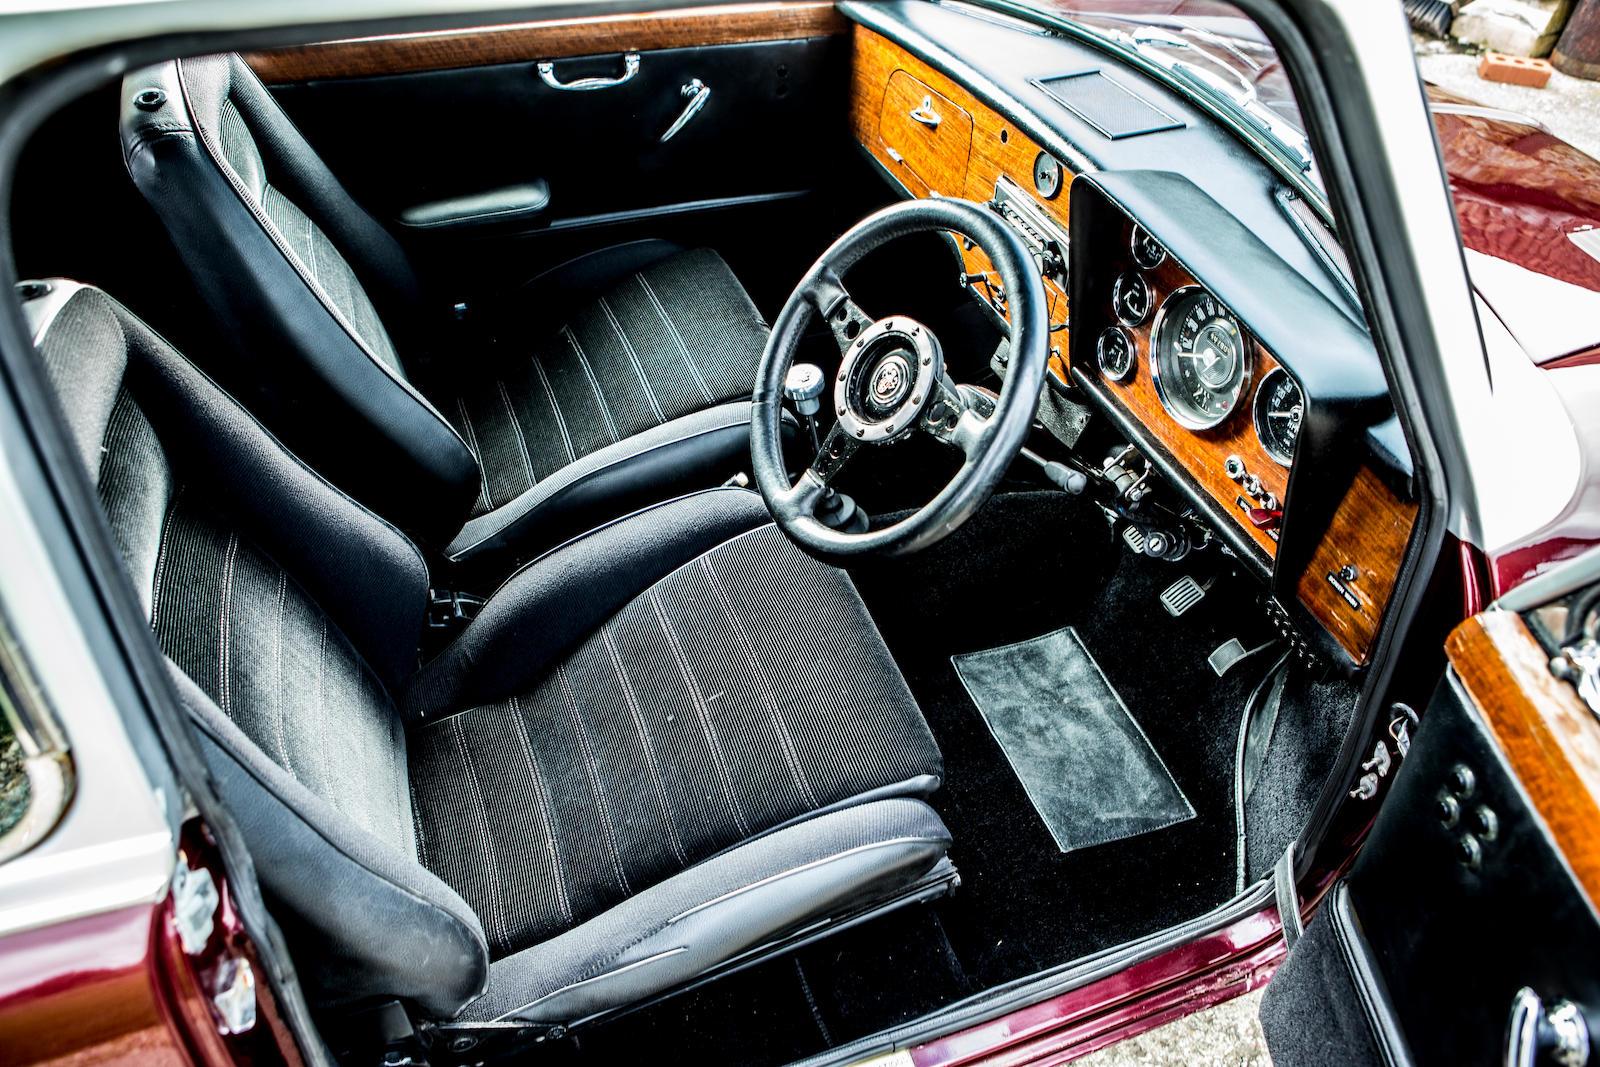 1966 Austin Mini Cooper S interior